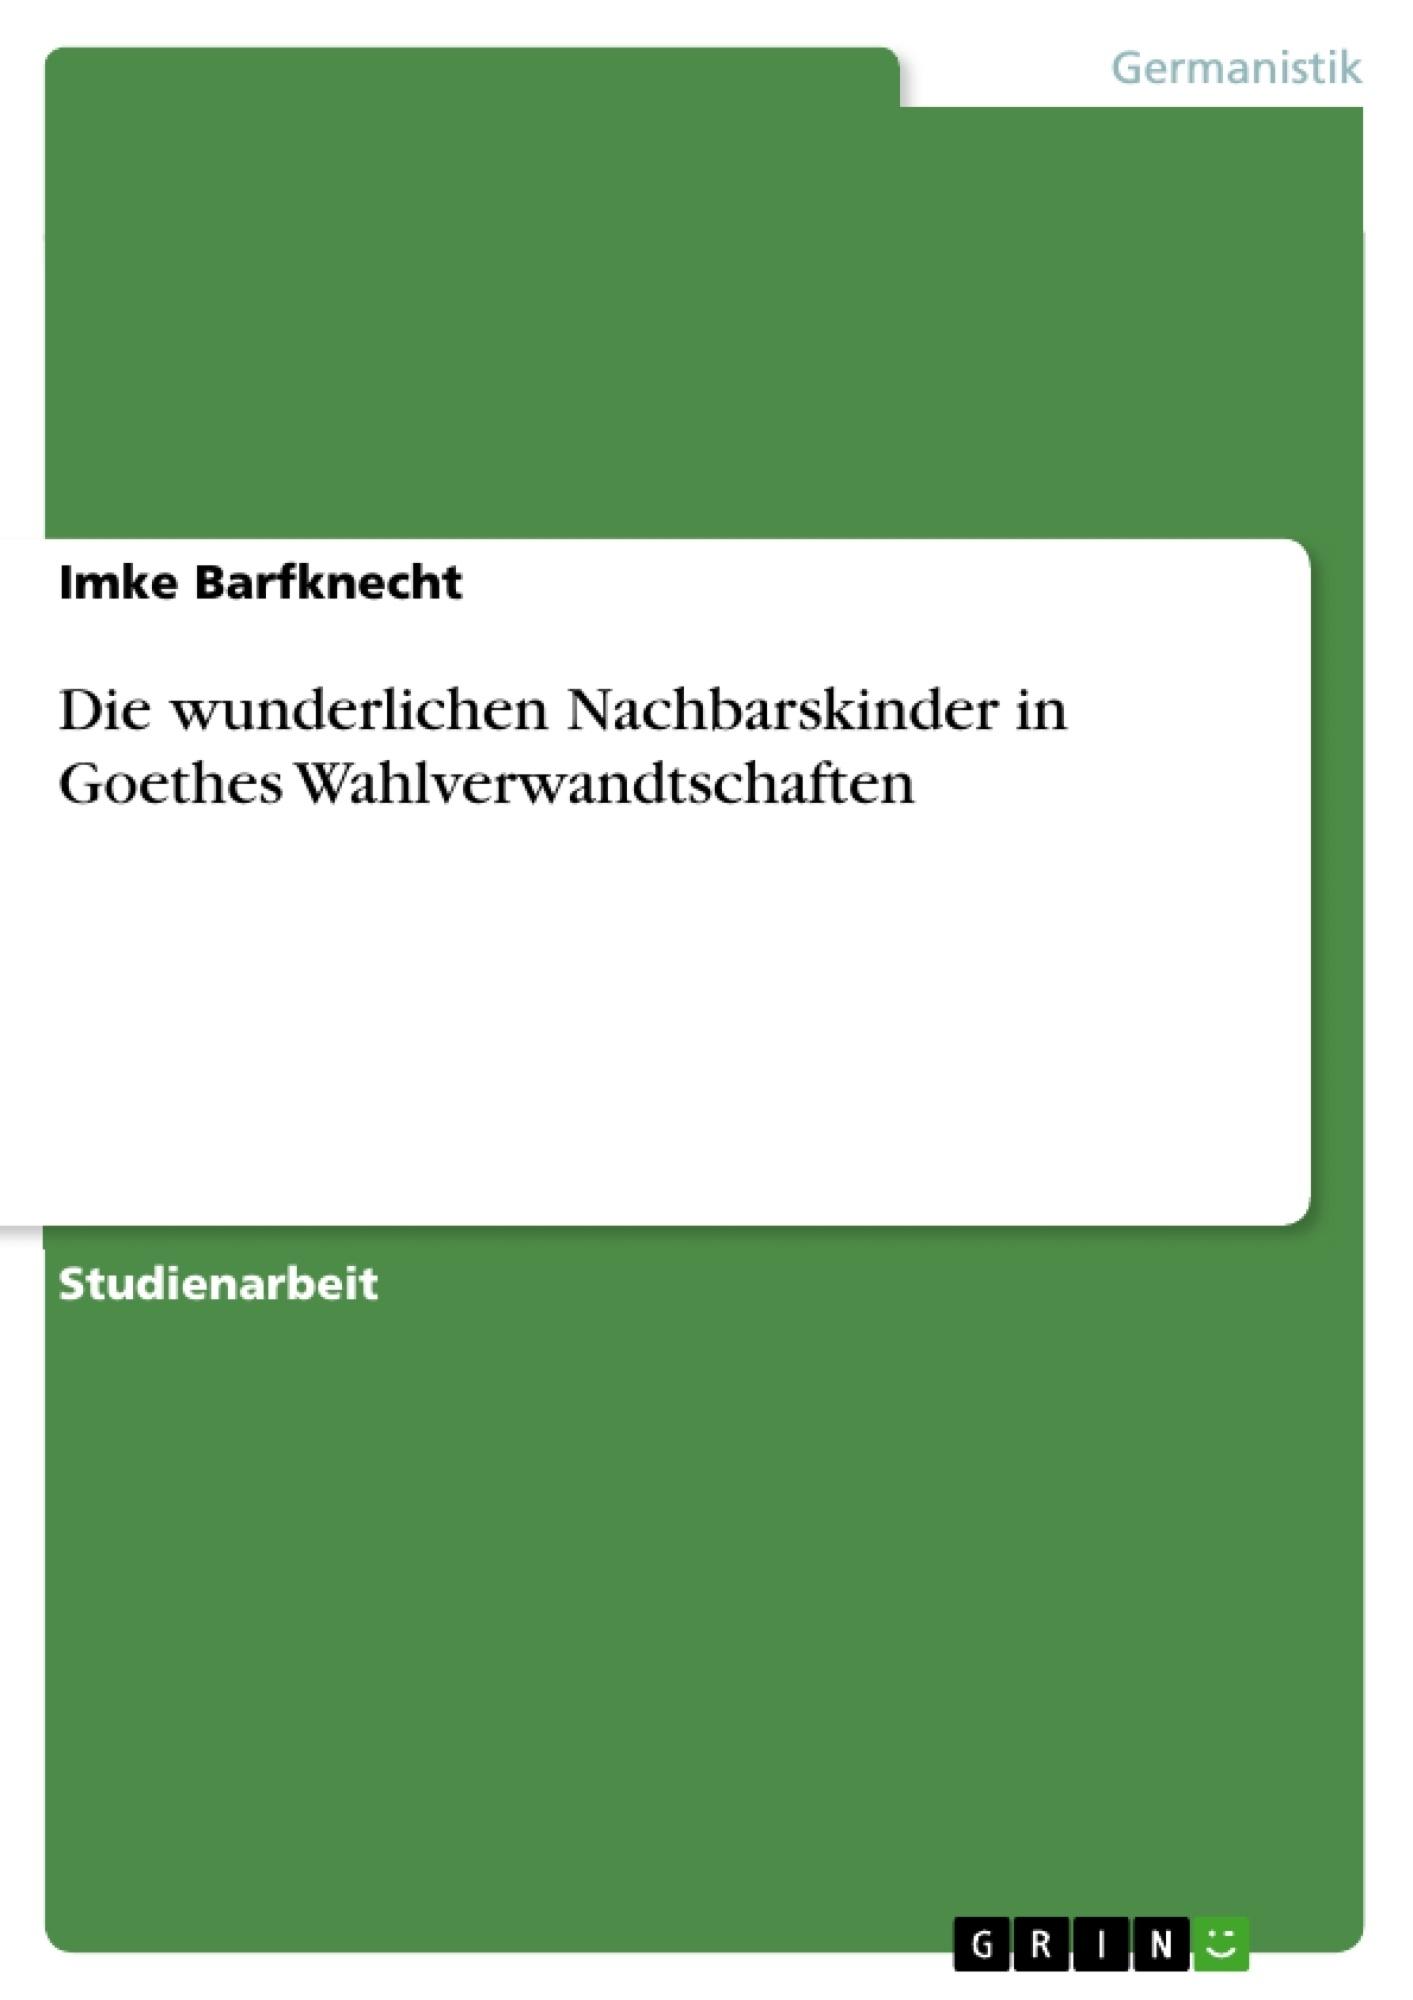 Titel: Die wunderlichen Nachbarskinder  in Goethes  Wahlverwandtschaften